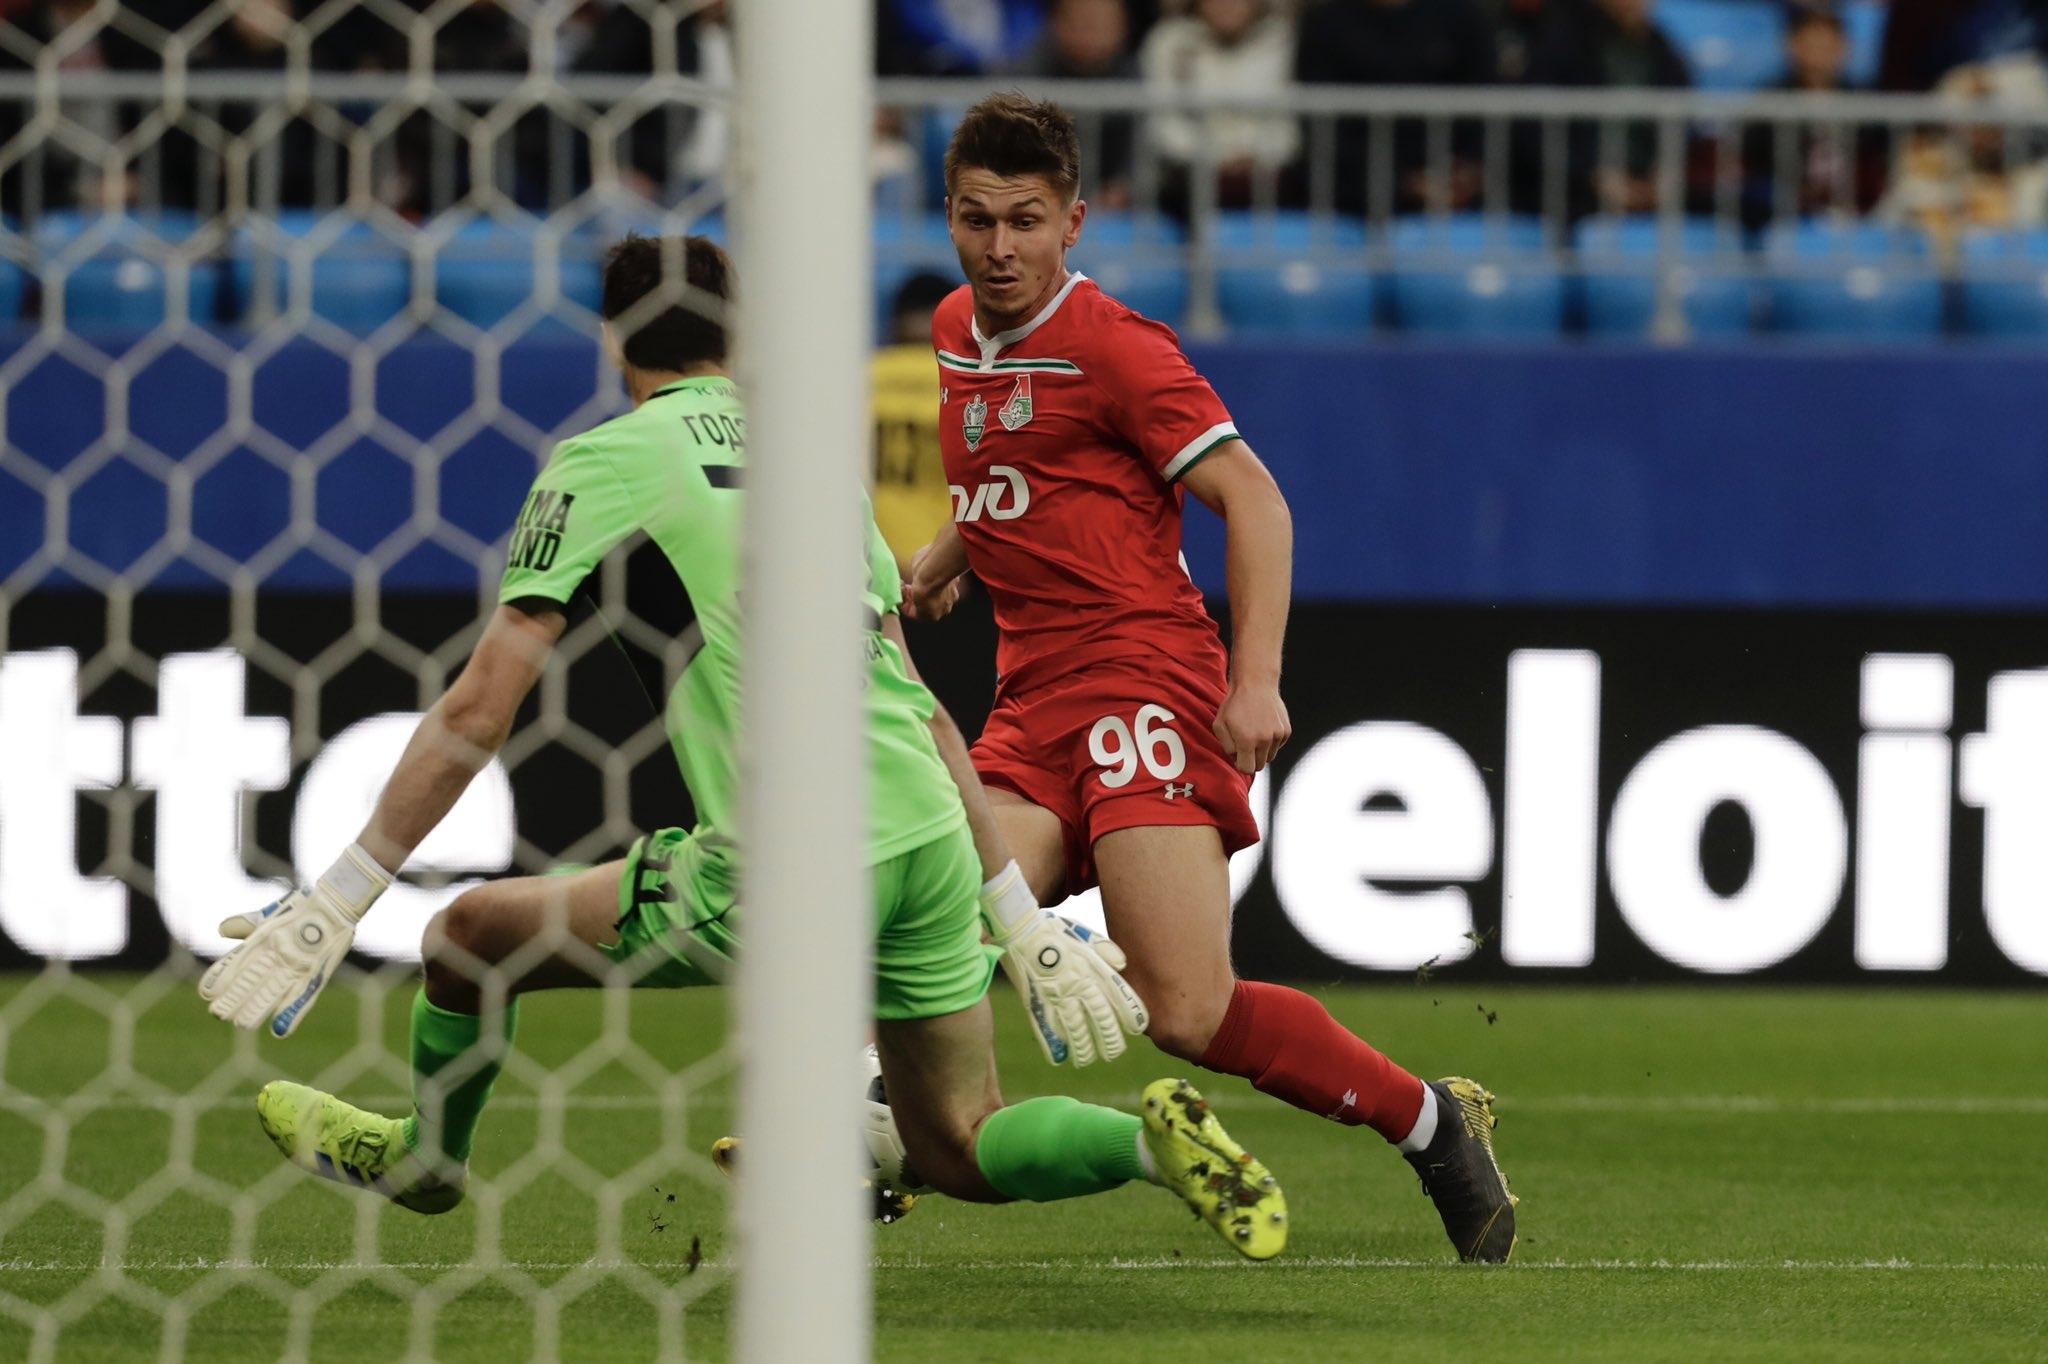 Отборът на Локомотив (Москва) завоюва Купата на Русия след победа